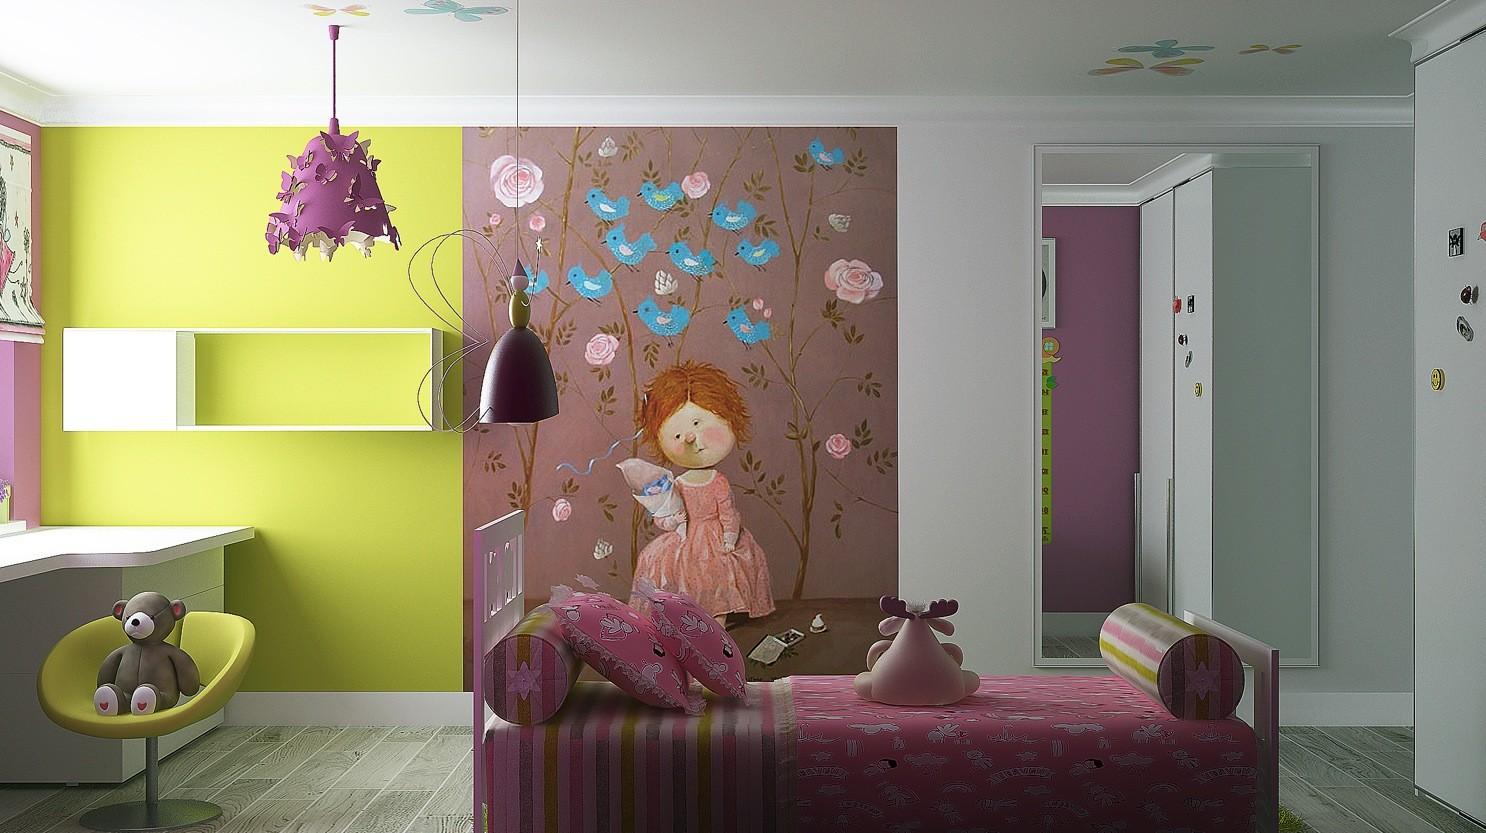 ألوان دهانات مناسبة لغرف أطفال بنات-غرفة ألوان